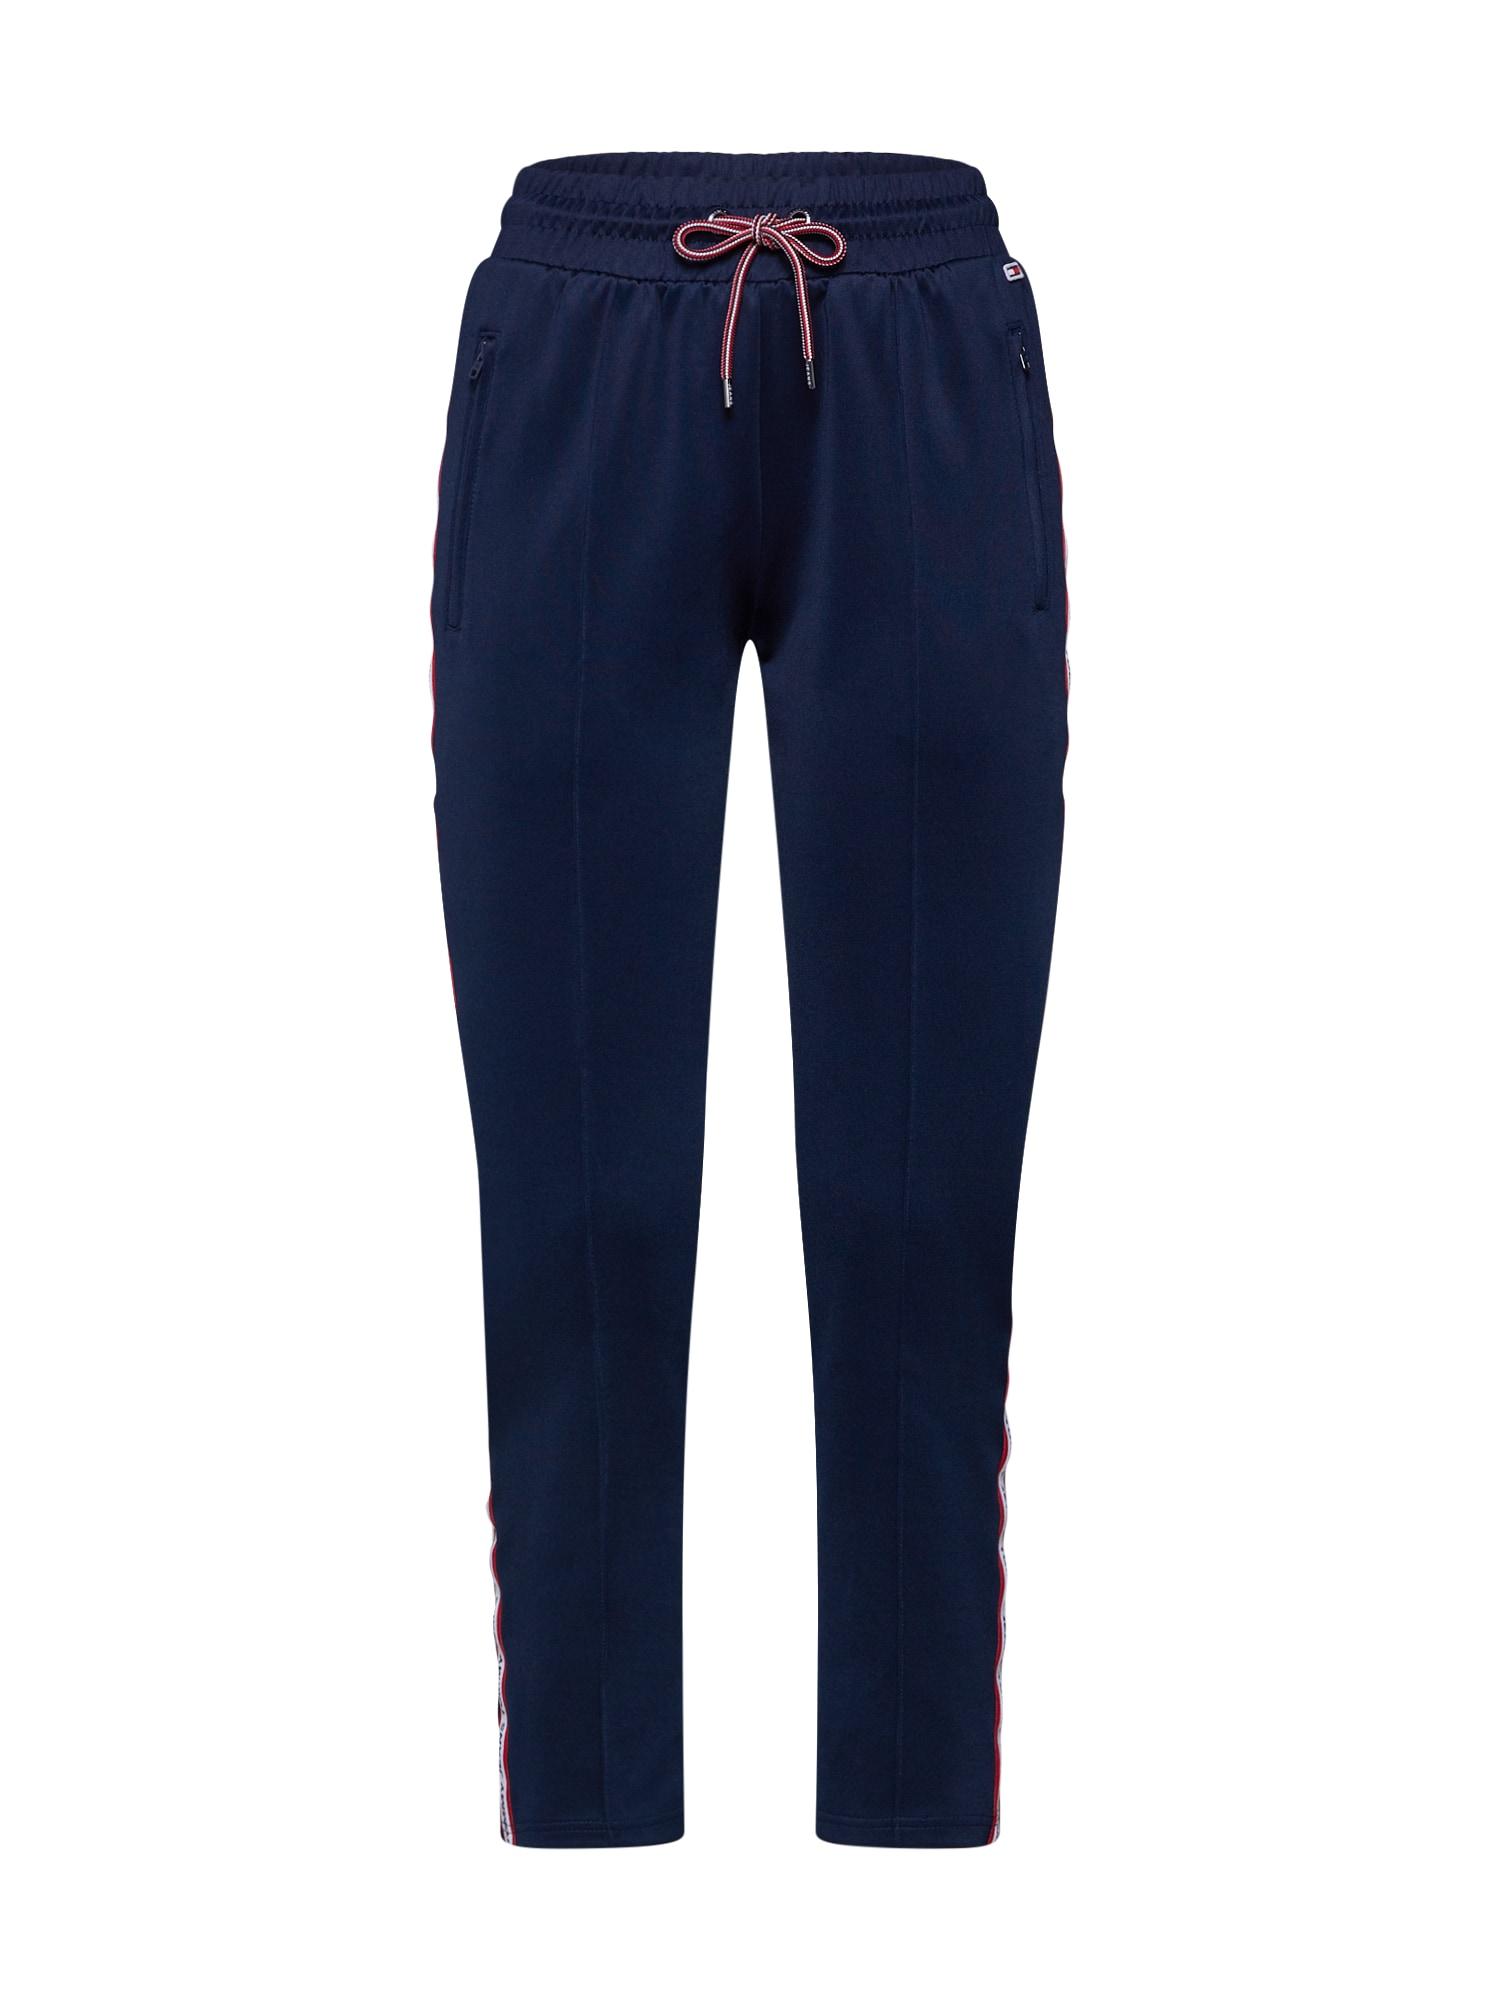 Kalhoty TJW TRACKSUIT PANT námořnická modř červená bílá Tommy Jeans